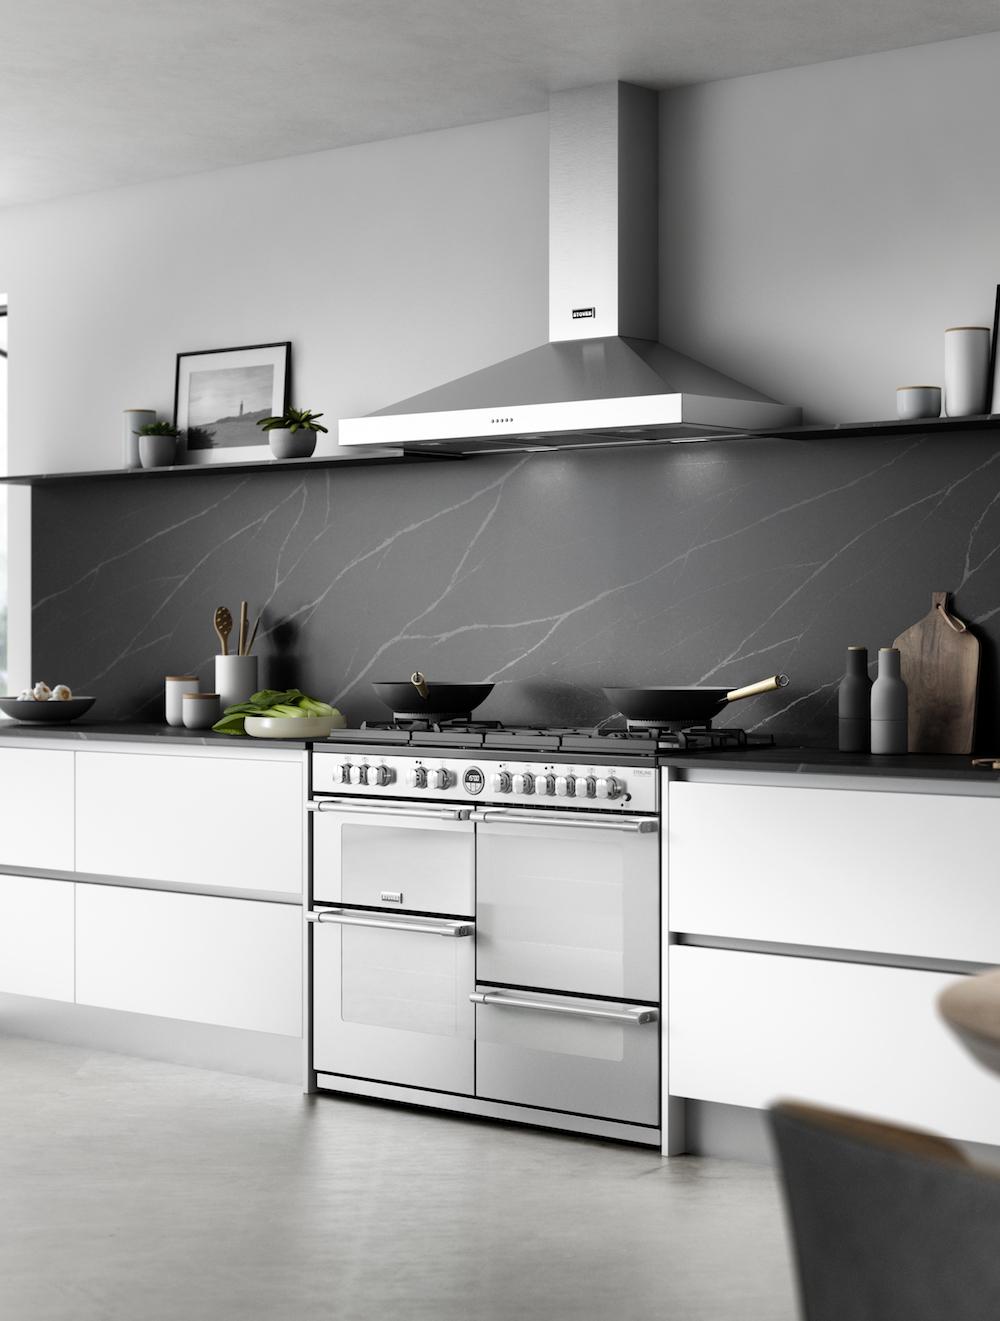 Stoves Sterling fornuis met afzuigkap met strakke uitstraling #stoves #fornuis #keuken #keukeninspiratie